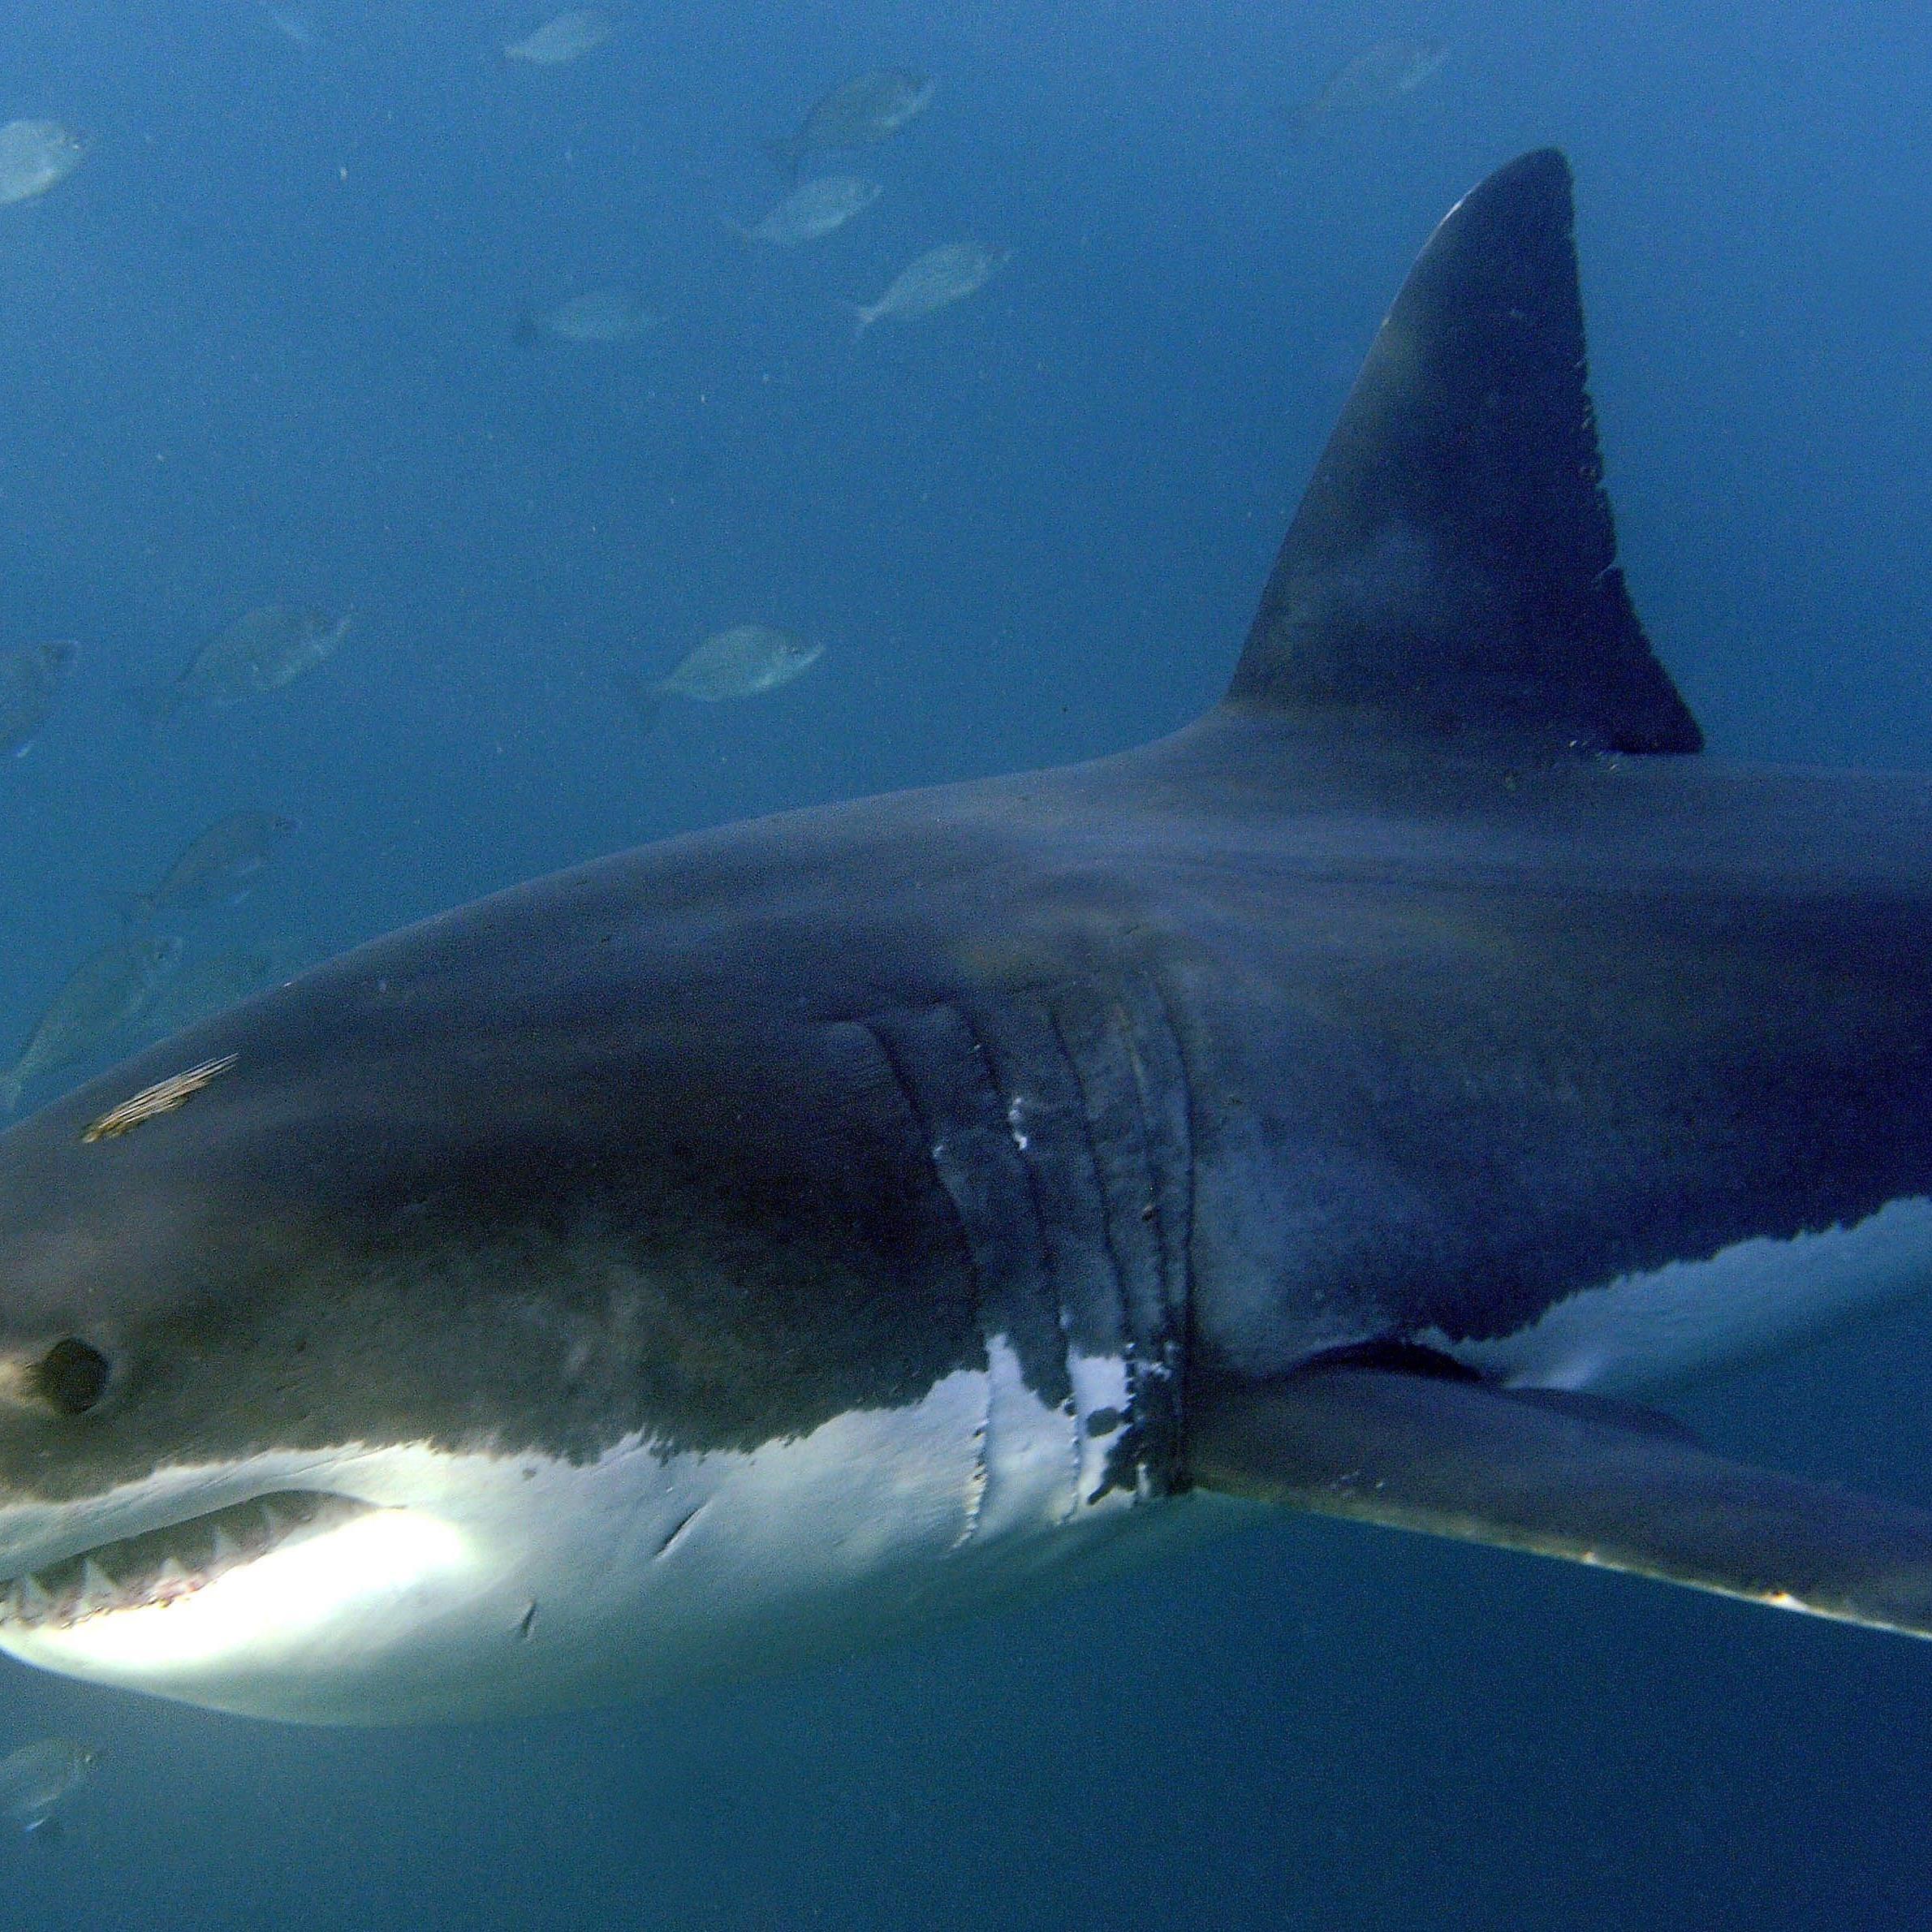 Beim Weißen Hai (Carcharodon carcharias) korrigierten die Wissenschaftler die Maximalgröße von über 8 auf 7,13 Meter.